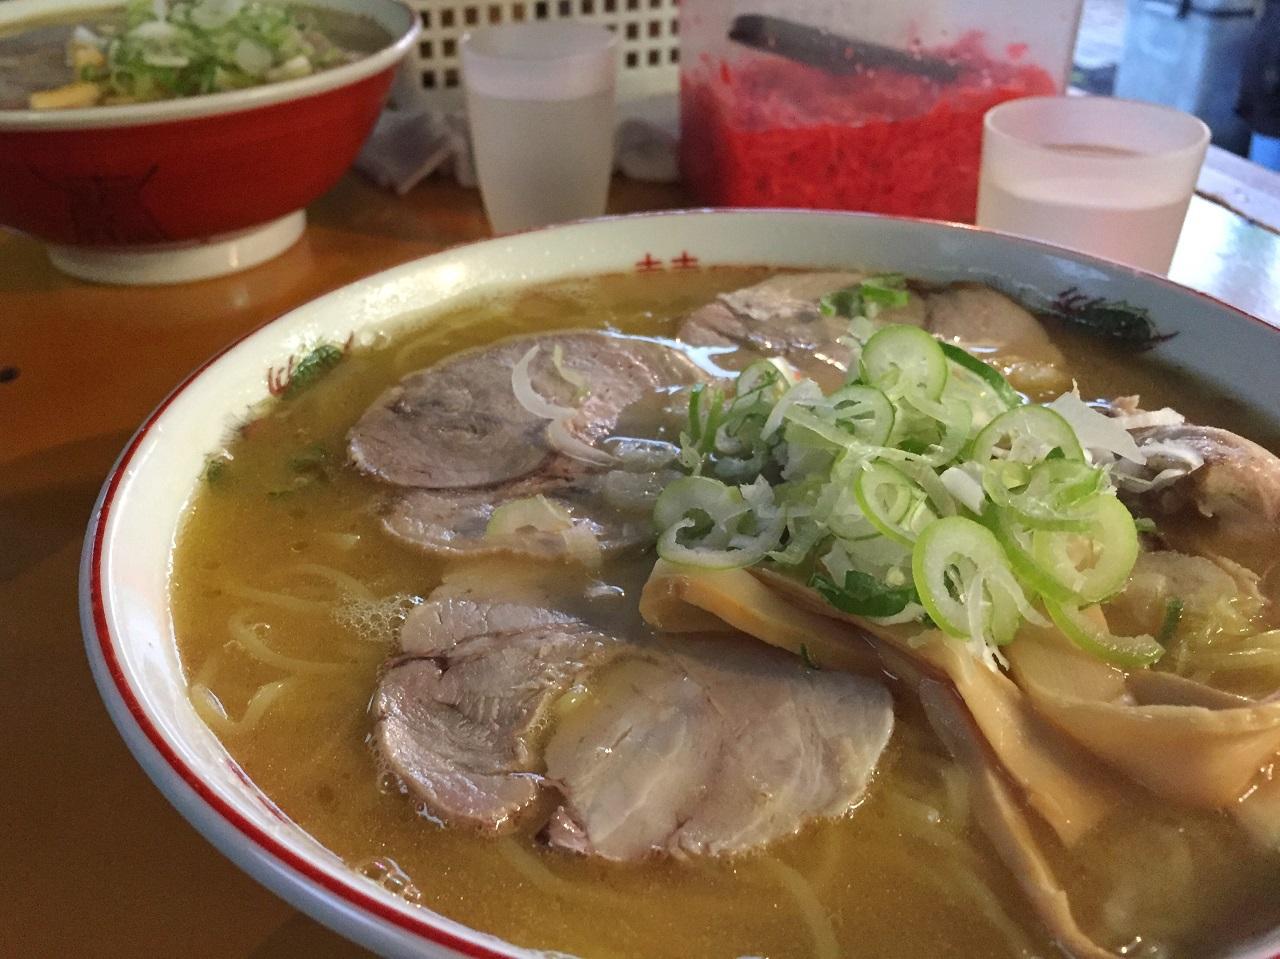 อาหาร จ.ฟุกุอิ (Fukui) - Tsuruga Ramen